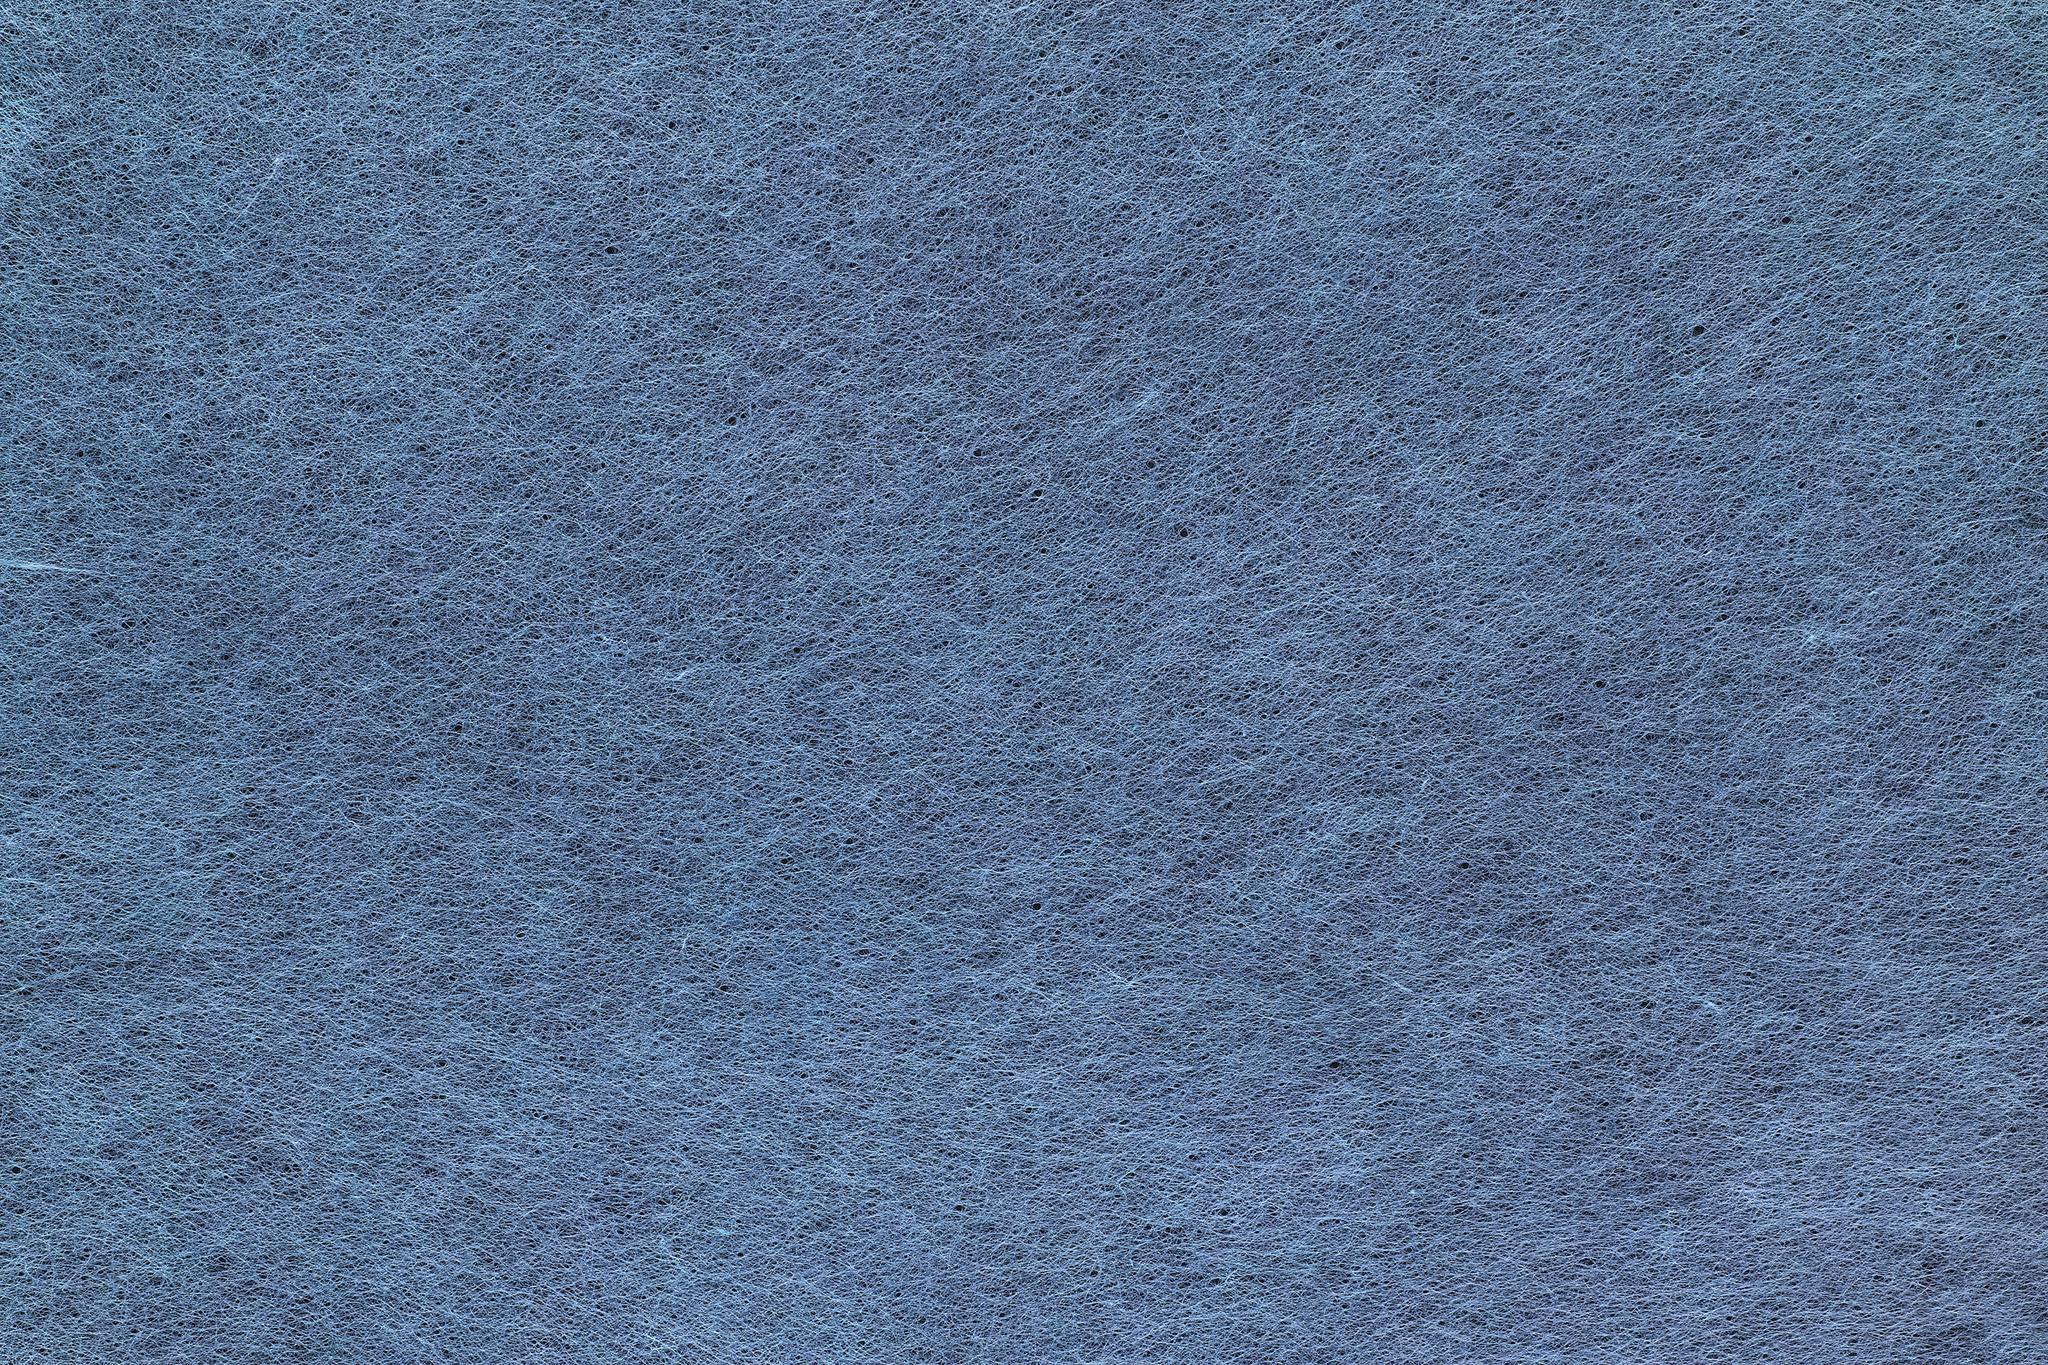 「くすんだ露草色の極薄和紙」の画像を無料ダウンロード